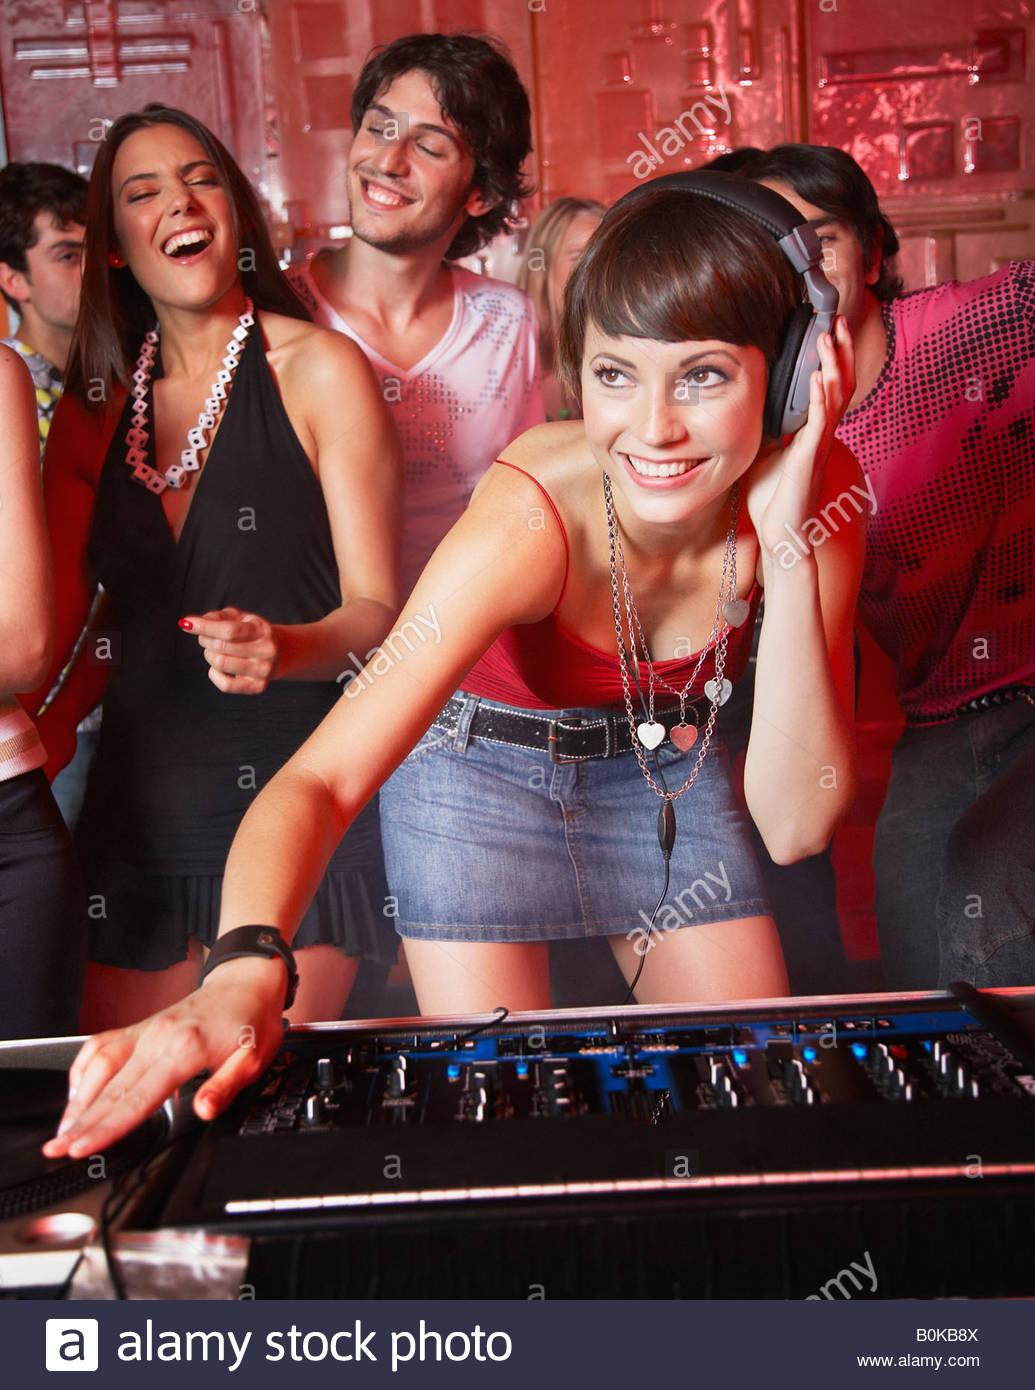 Disc jockey in discoteca con persone che ballano intorno a lei sorridente Immagini Stock